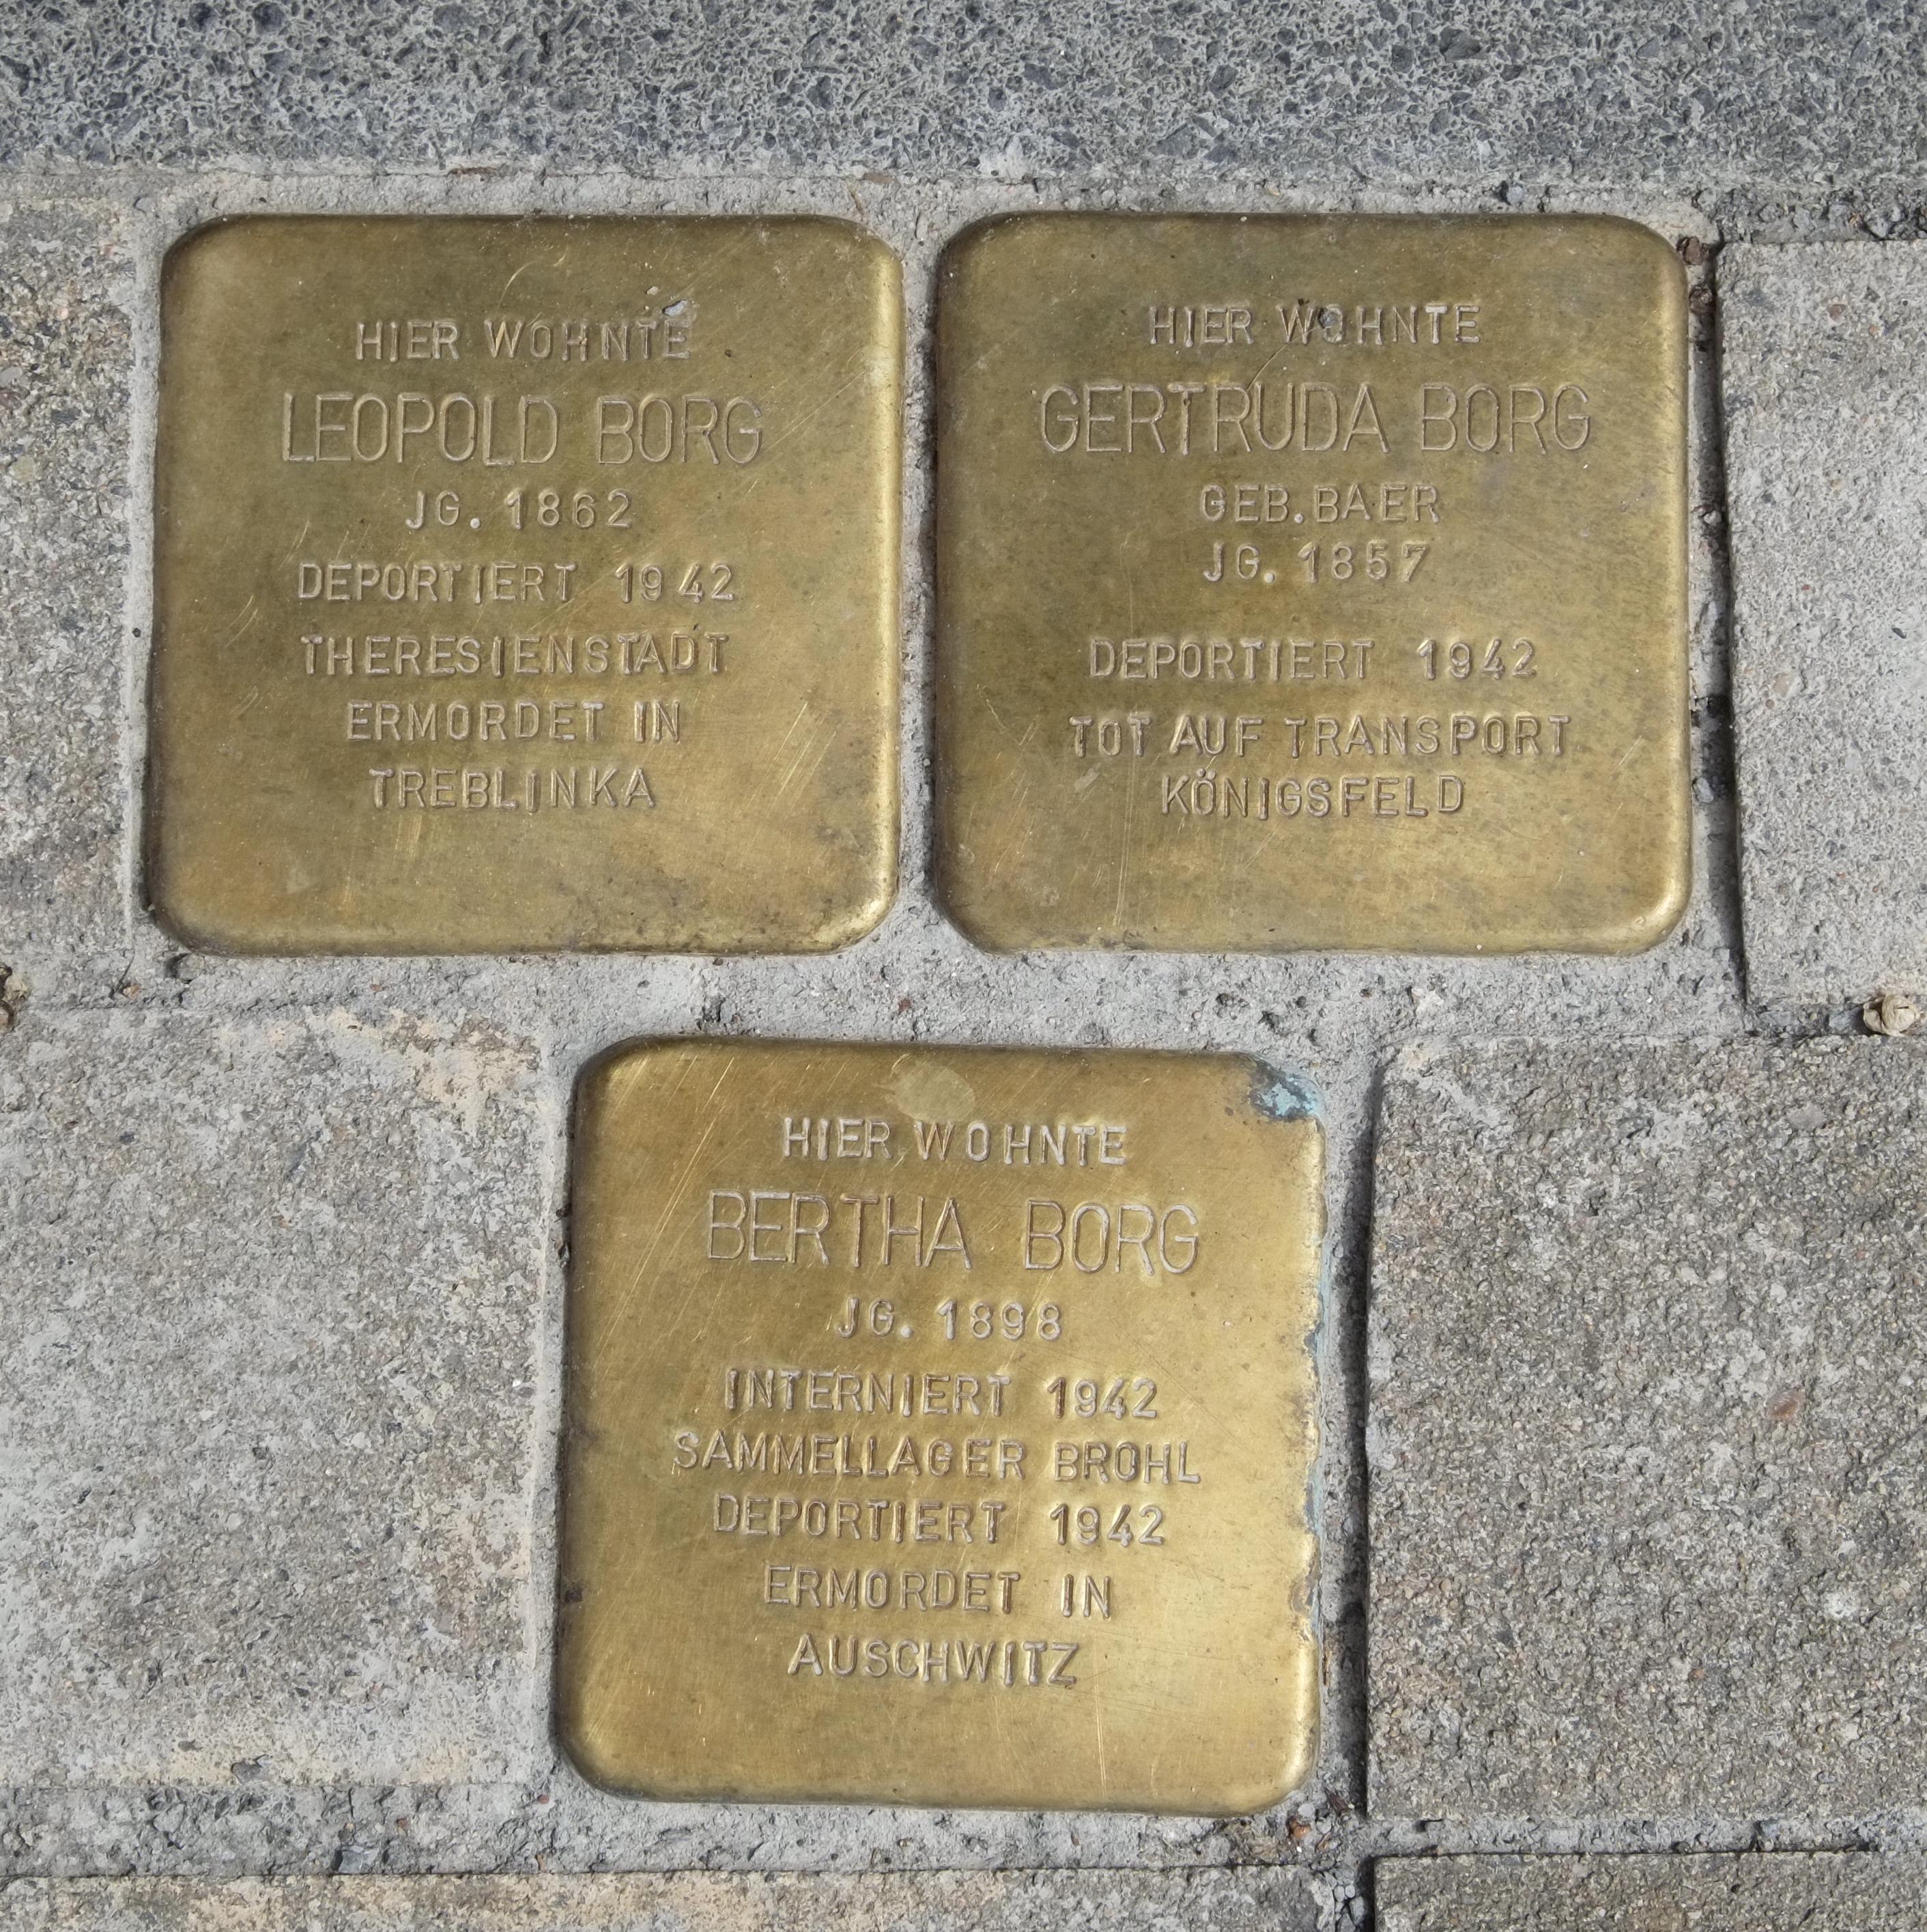 http://upload.wikimedia.org/wikipedia/commons/f/fc/Heimersheim_%28Bad_Neuenahr-Ahrweiler%29_Stolpersteine_2907.JPG